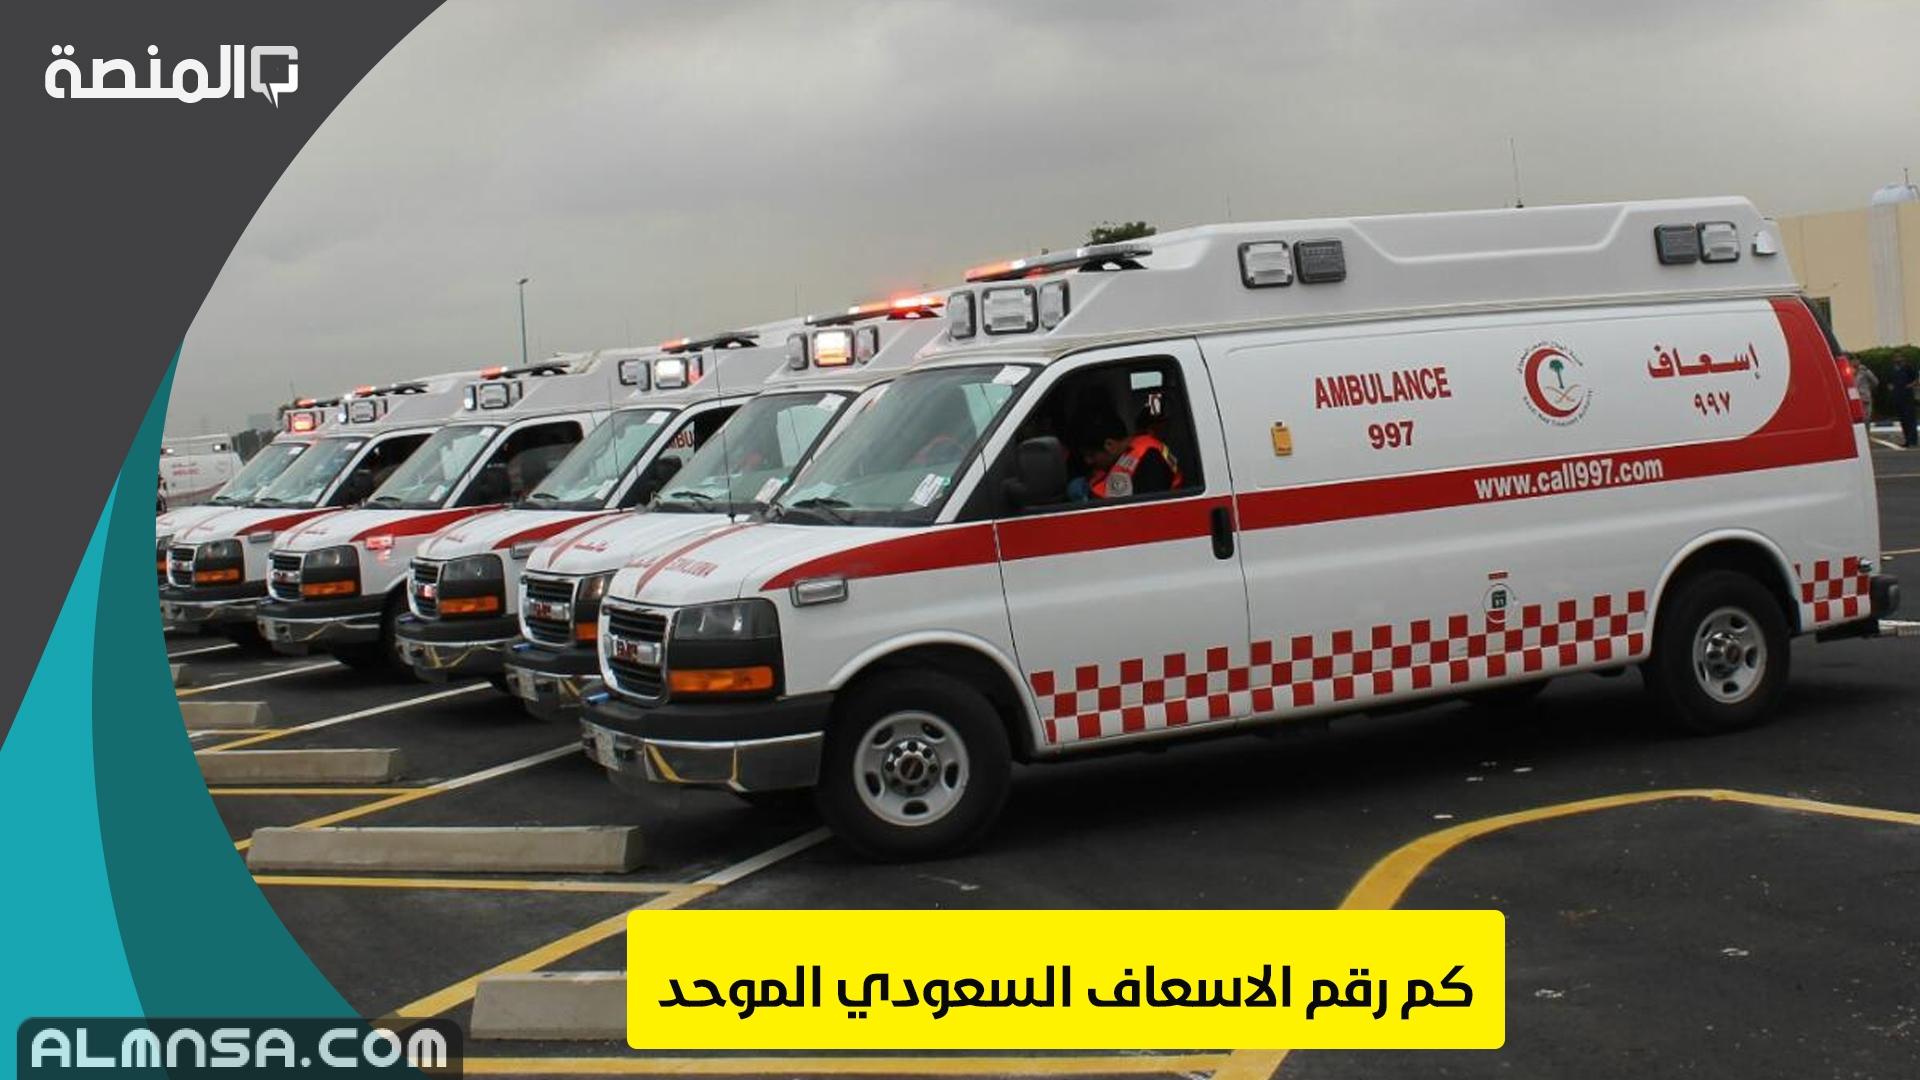 كم رقم الاسعاف السعودي الموحد المنصة